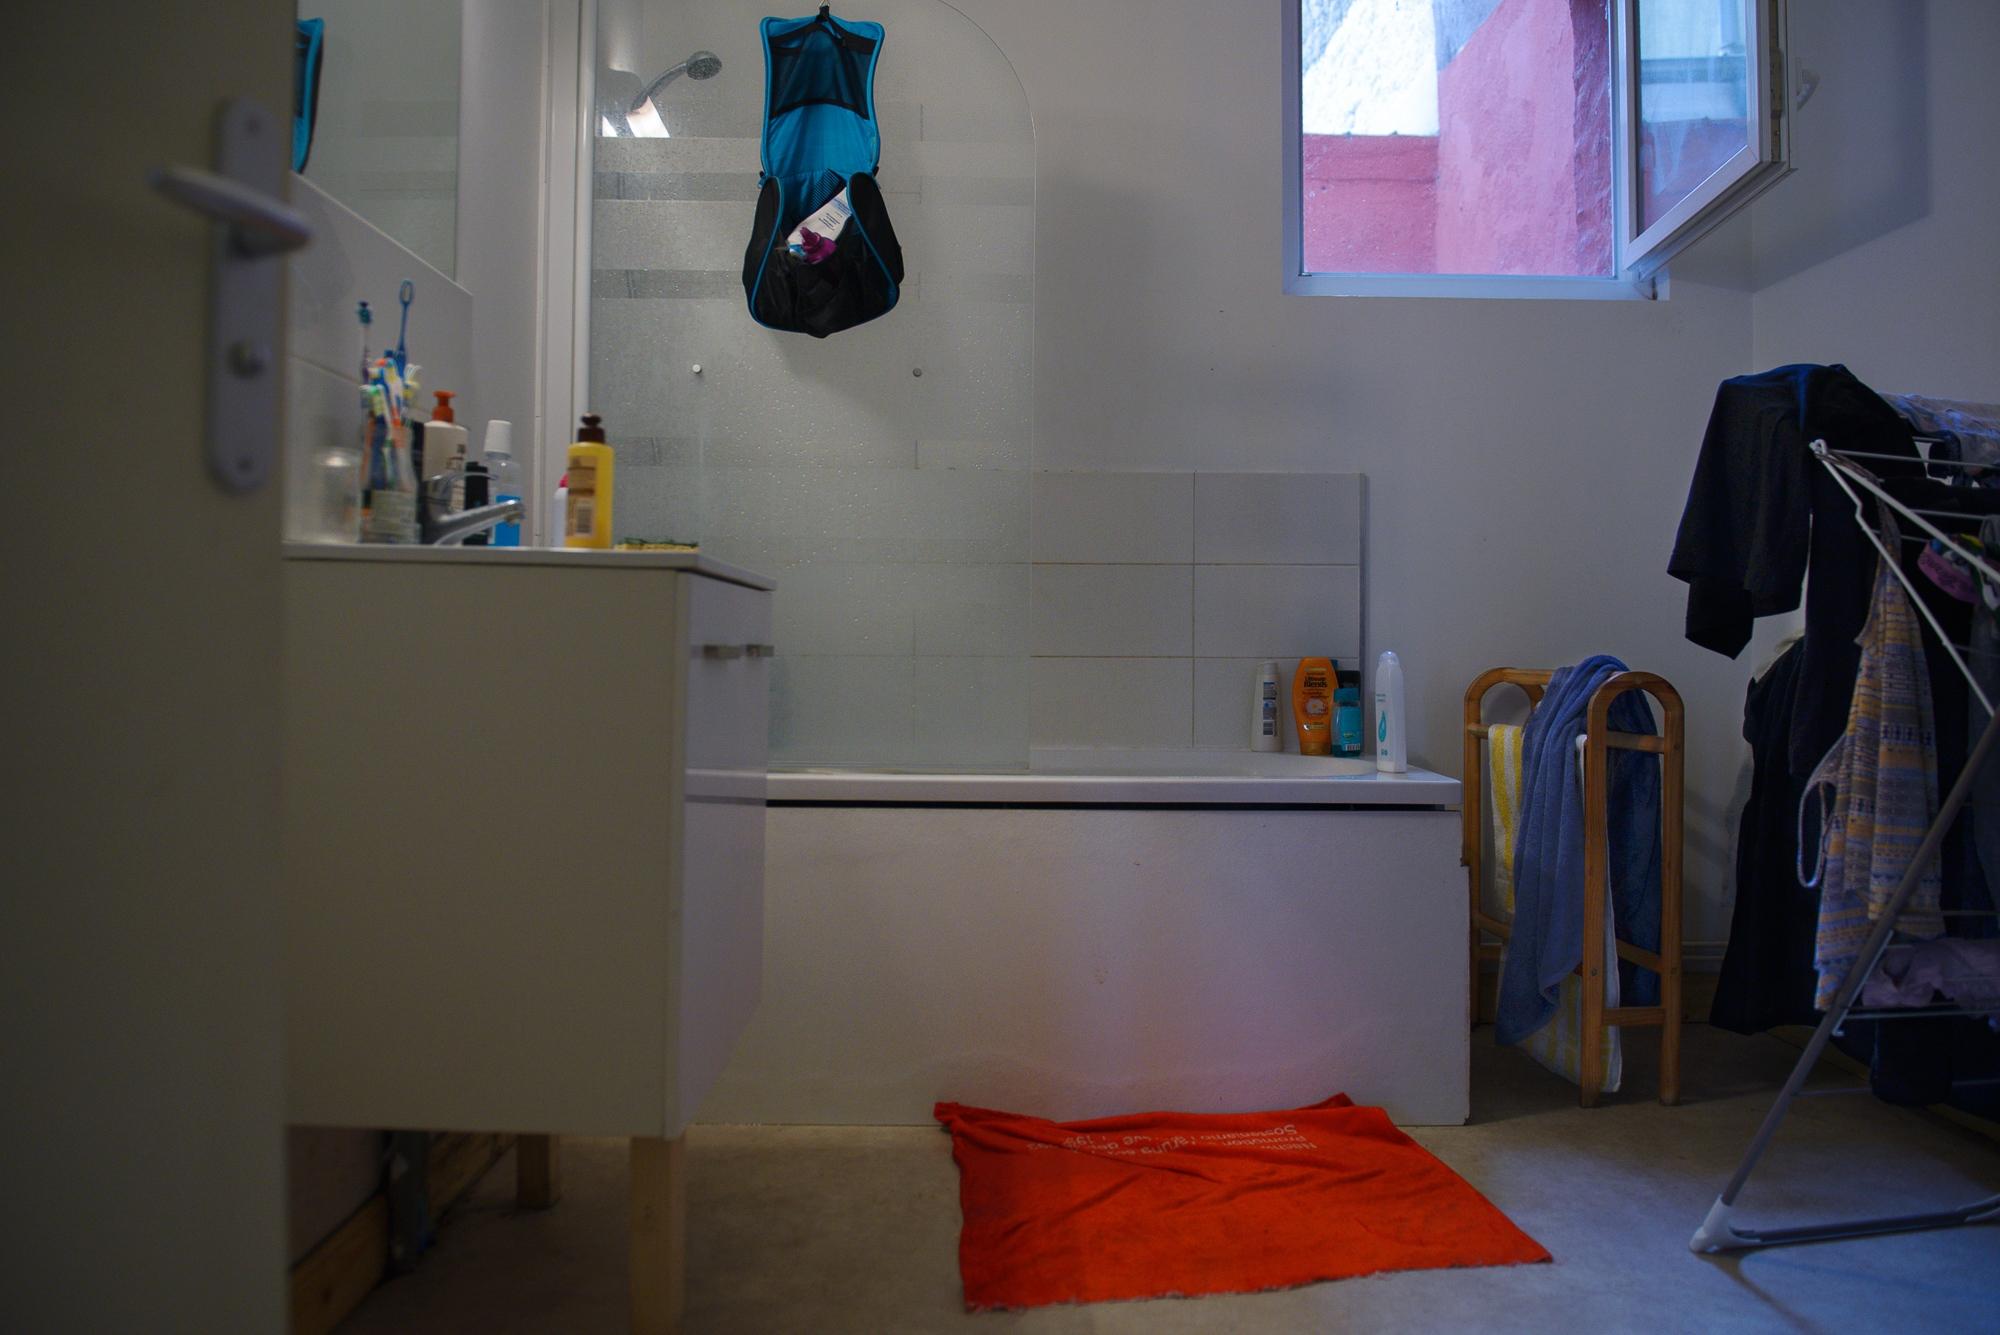 (EN) February 1, 2018 - Calais, France. The owners of this bathroom have been hosting refugees since 2015. This bathroom provides an average of 98 showers a week. (ES) 1 de febrero de 2018 - Calais, Francia. Los inquilinos de este hogar trabajan con refugiados desde el 2015. Este baño proporciona un promedio de 98 duchas por semana. (FR) 1er février 2018 - Calais, France. Les propriétaires de cette maison accueillent des exilé-e-s depuis 2015. Cette salle de bains procure une moyenne de 98 douches par semaine.